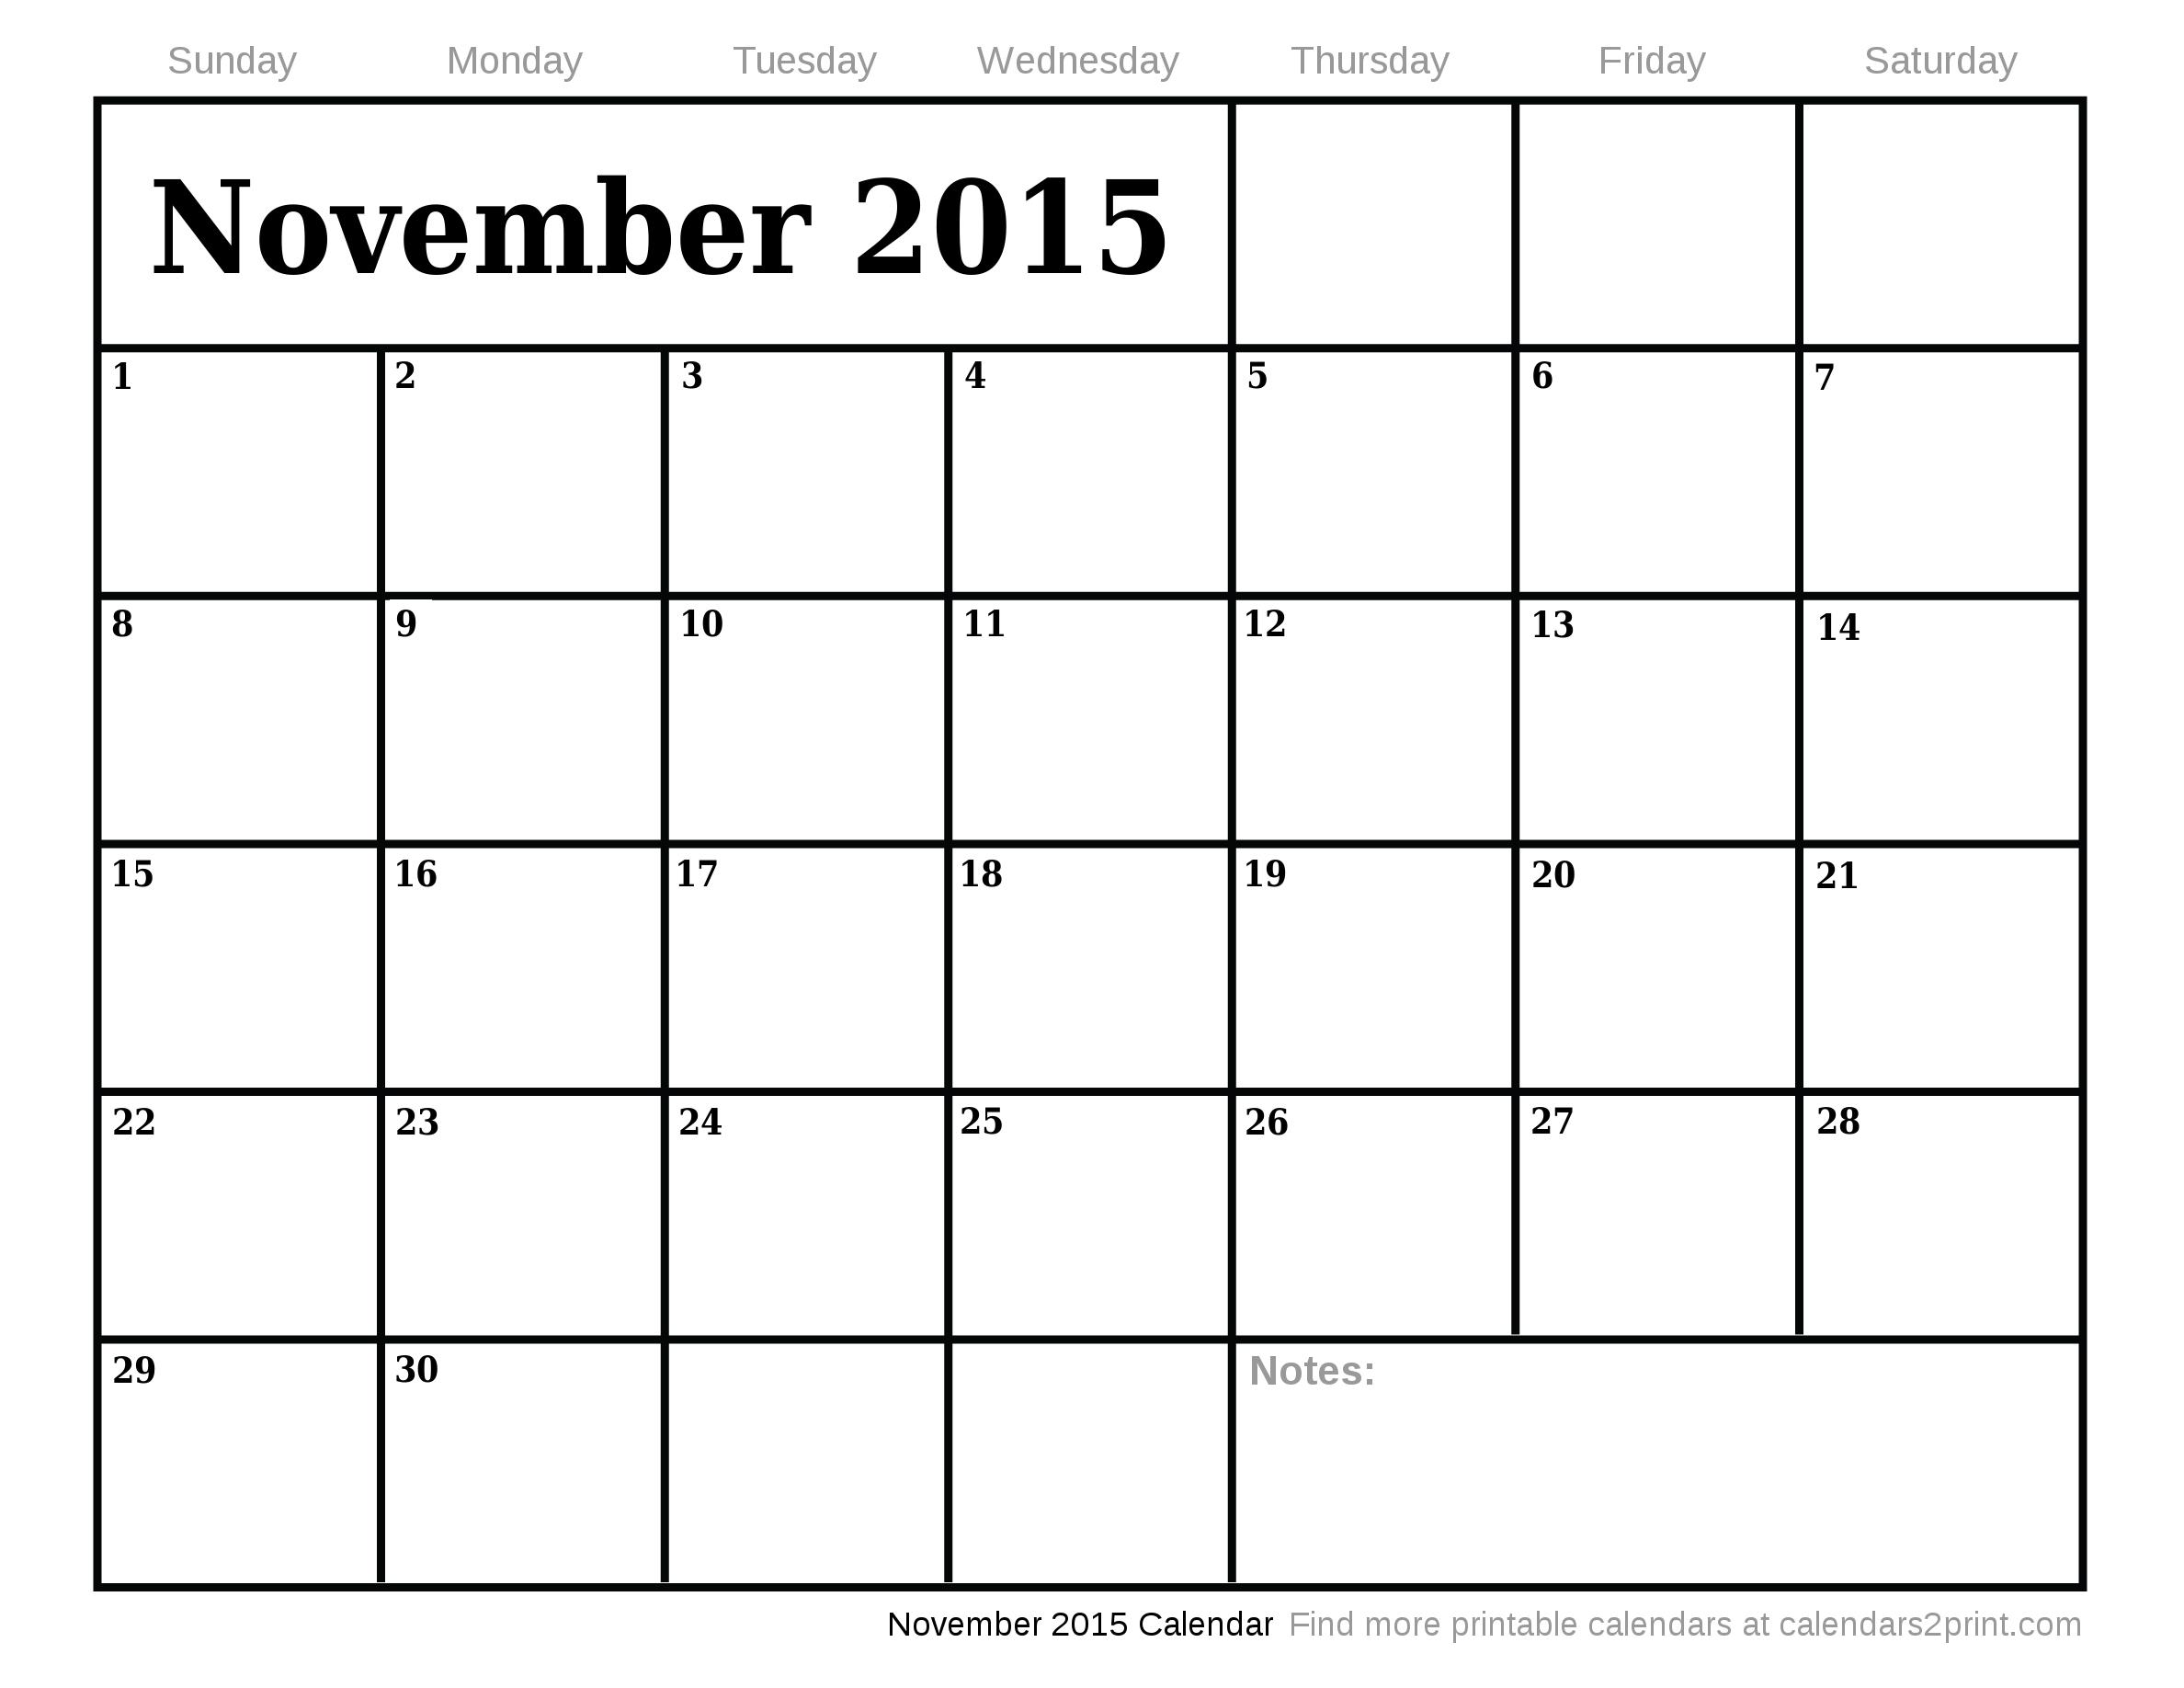 October 2015 Calendar   December 2015 Calendar »